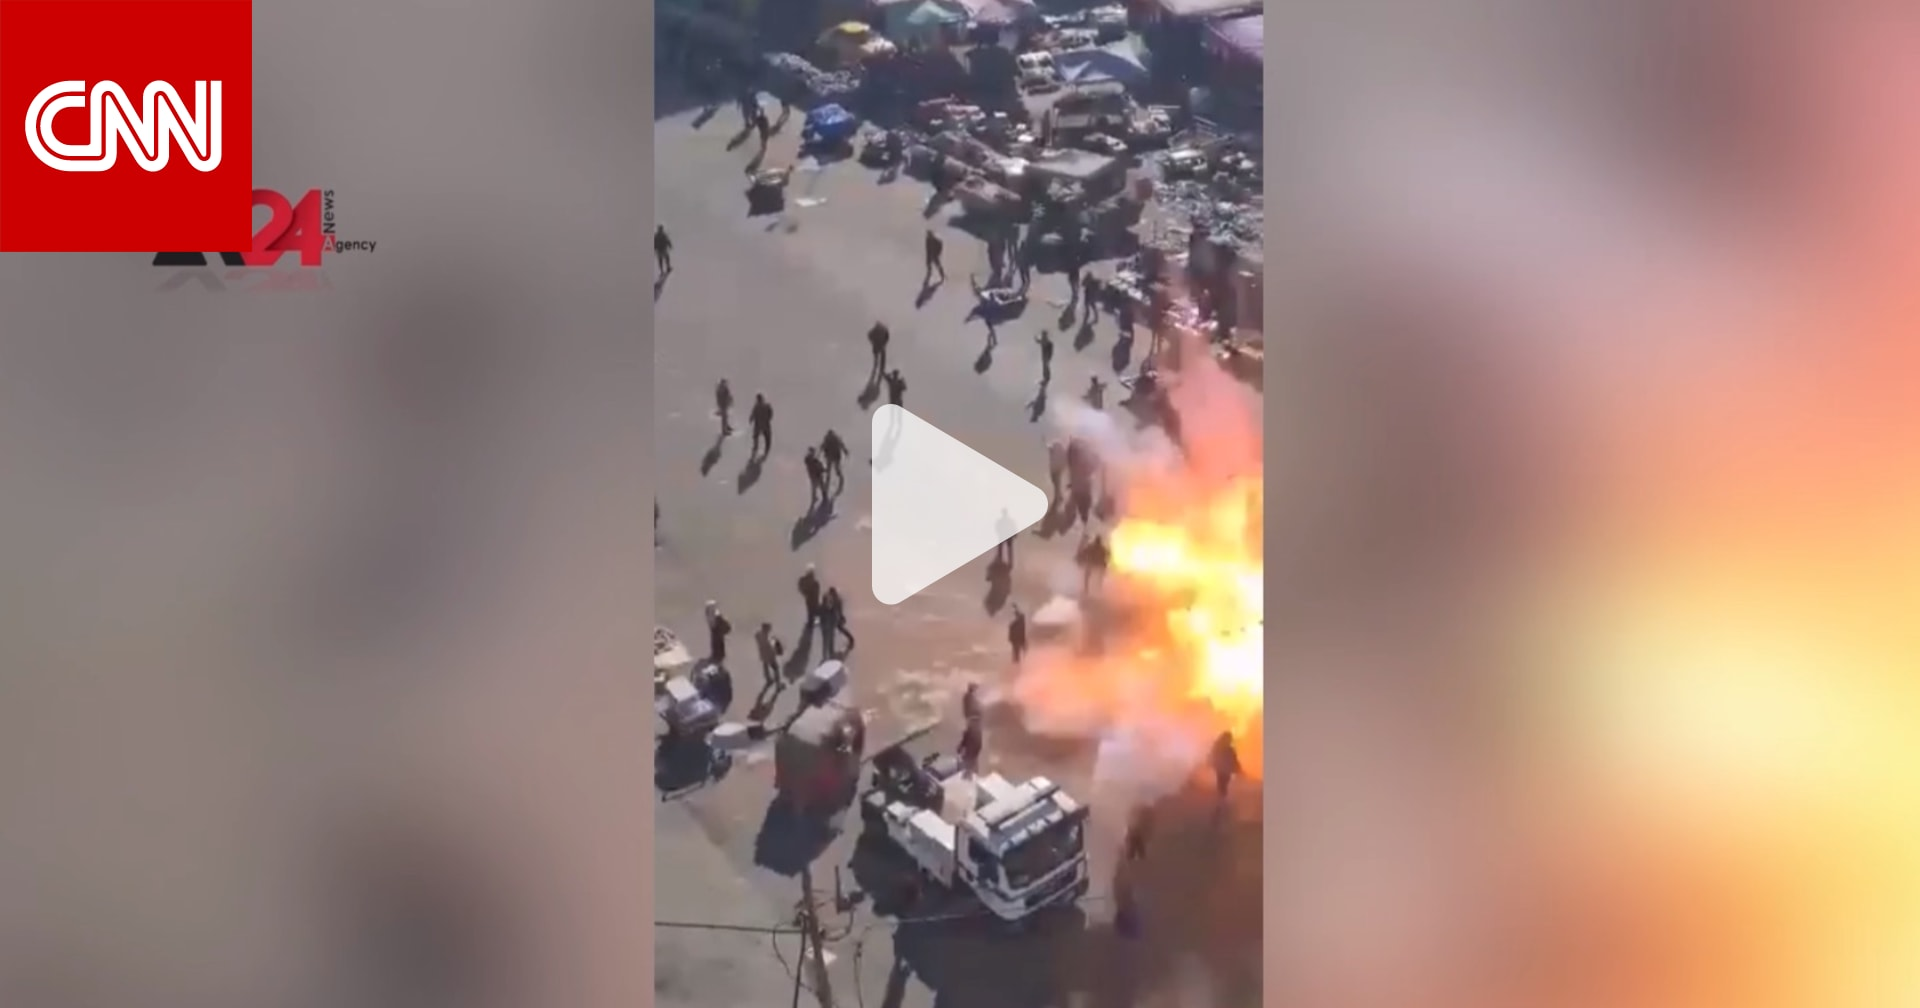 شاهد.. لحظة وقوع انفجار ضخم في بغداد أسفر عن مقتل العشرات